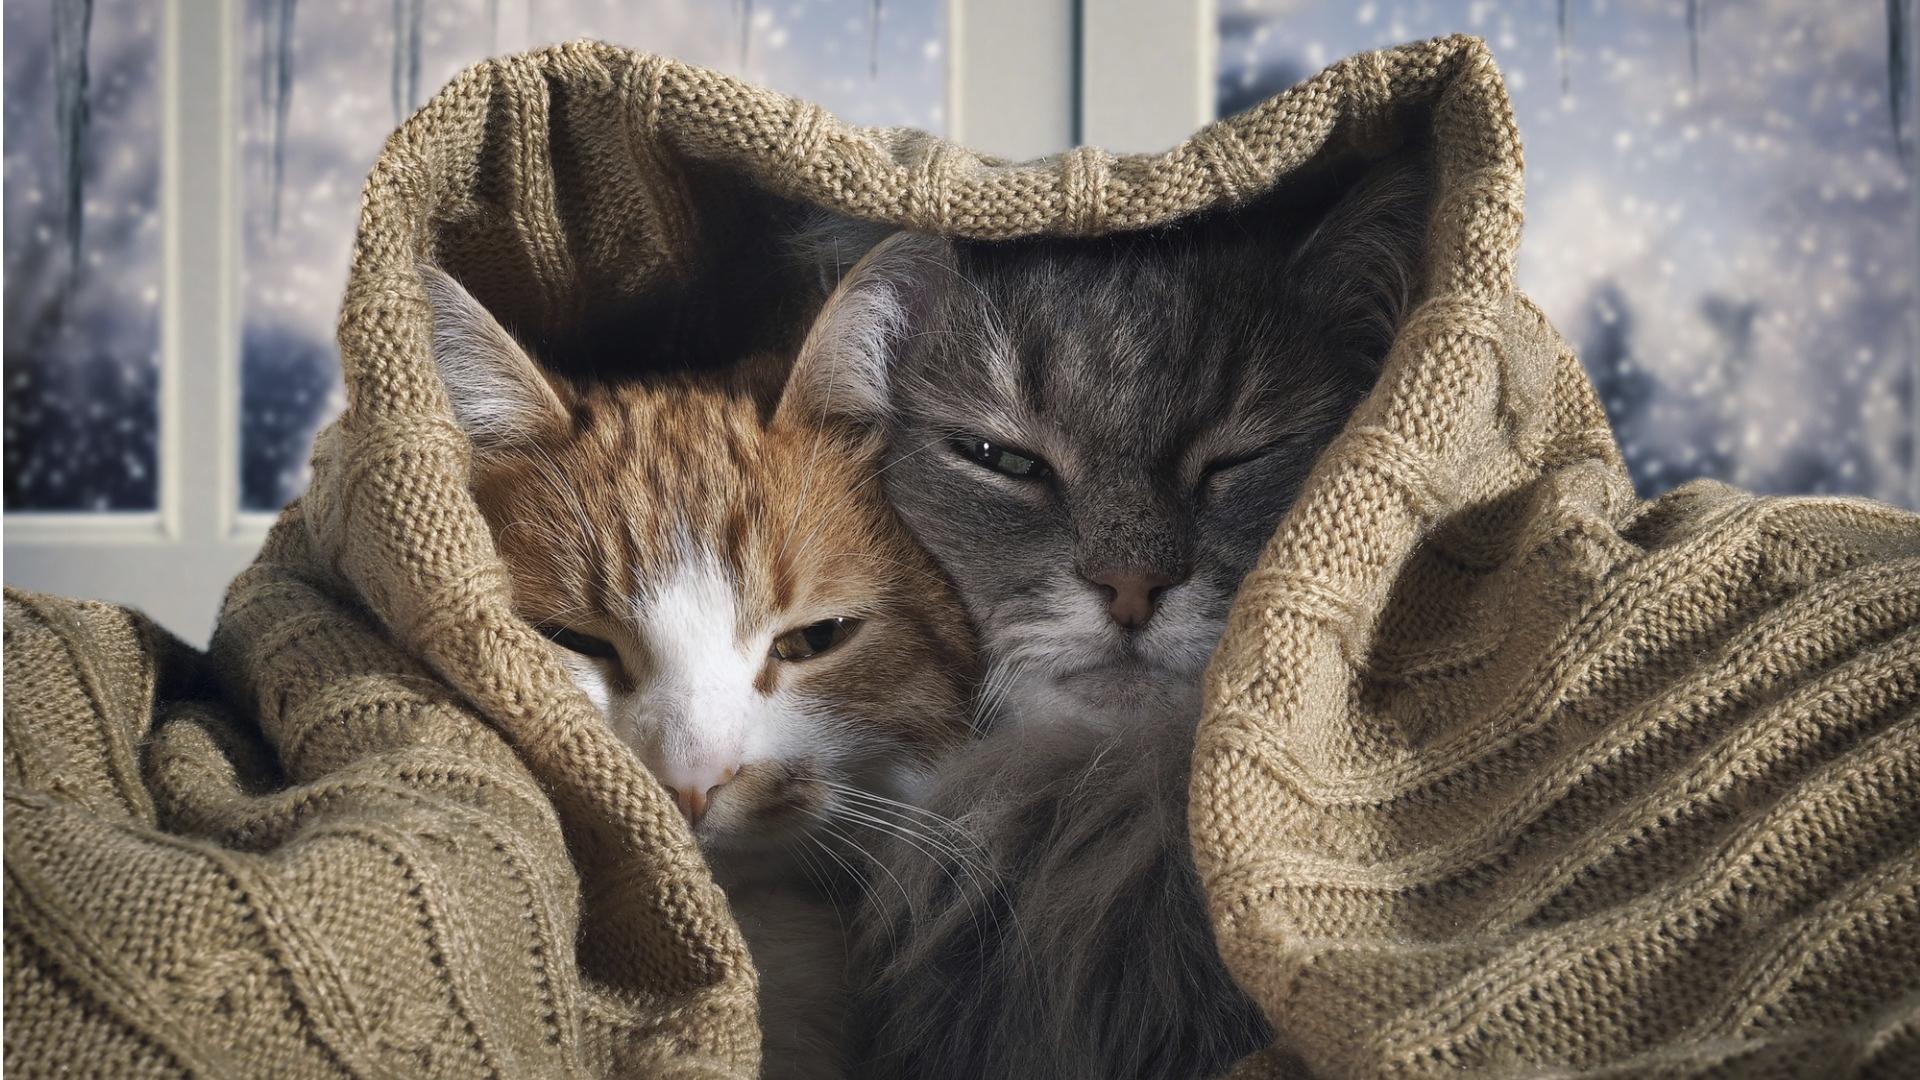 Kissojen yhteiseloa helpottaa, kun ne eivät joudu kilpailemaan resursseista: hiekkalaatikoita, piiloja ja raapimapuita tulisi olla useita.